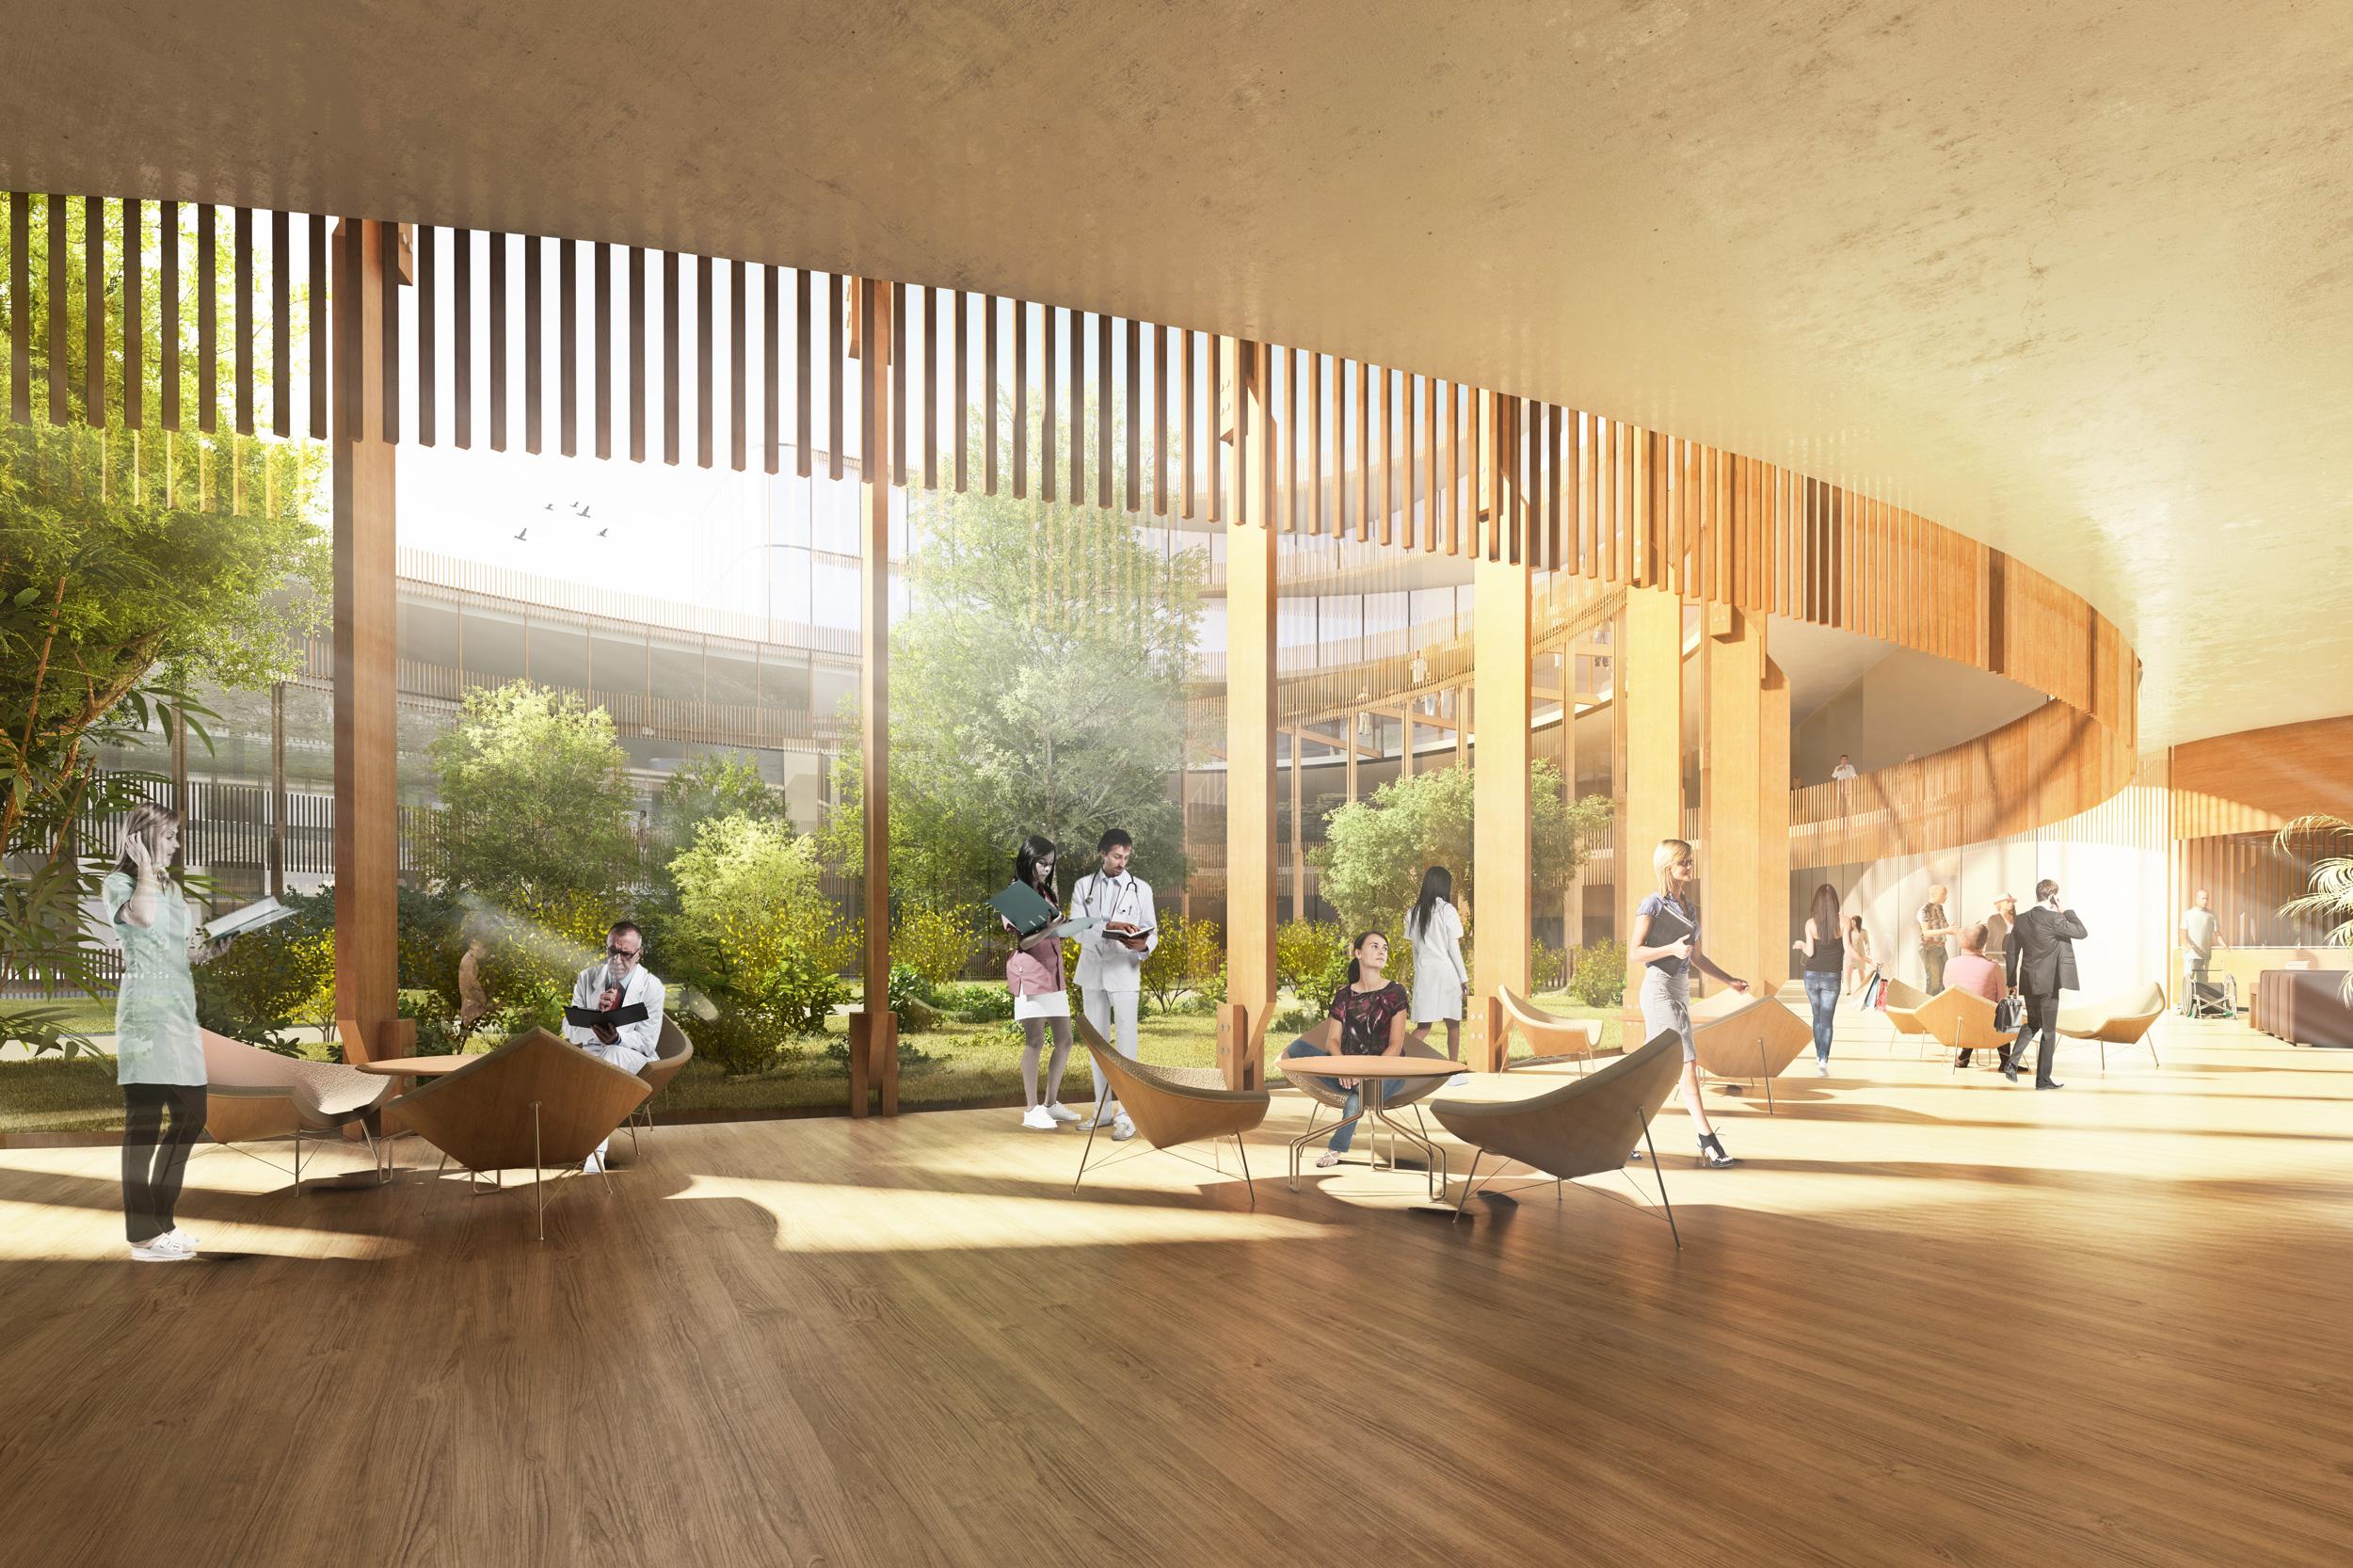 patio-central-interior.jpg